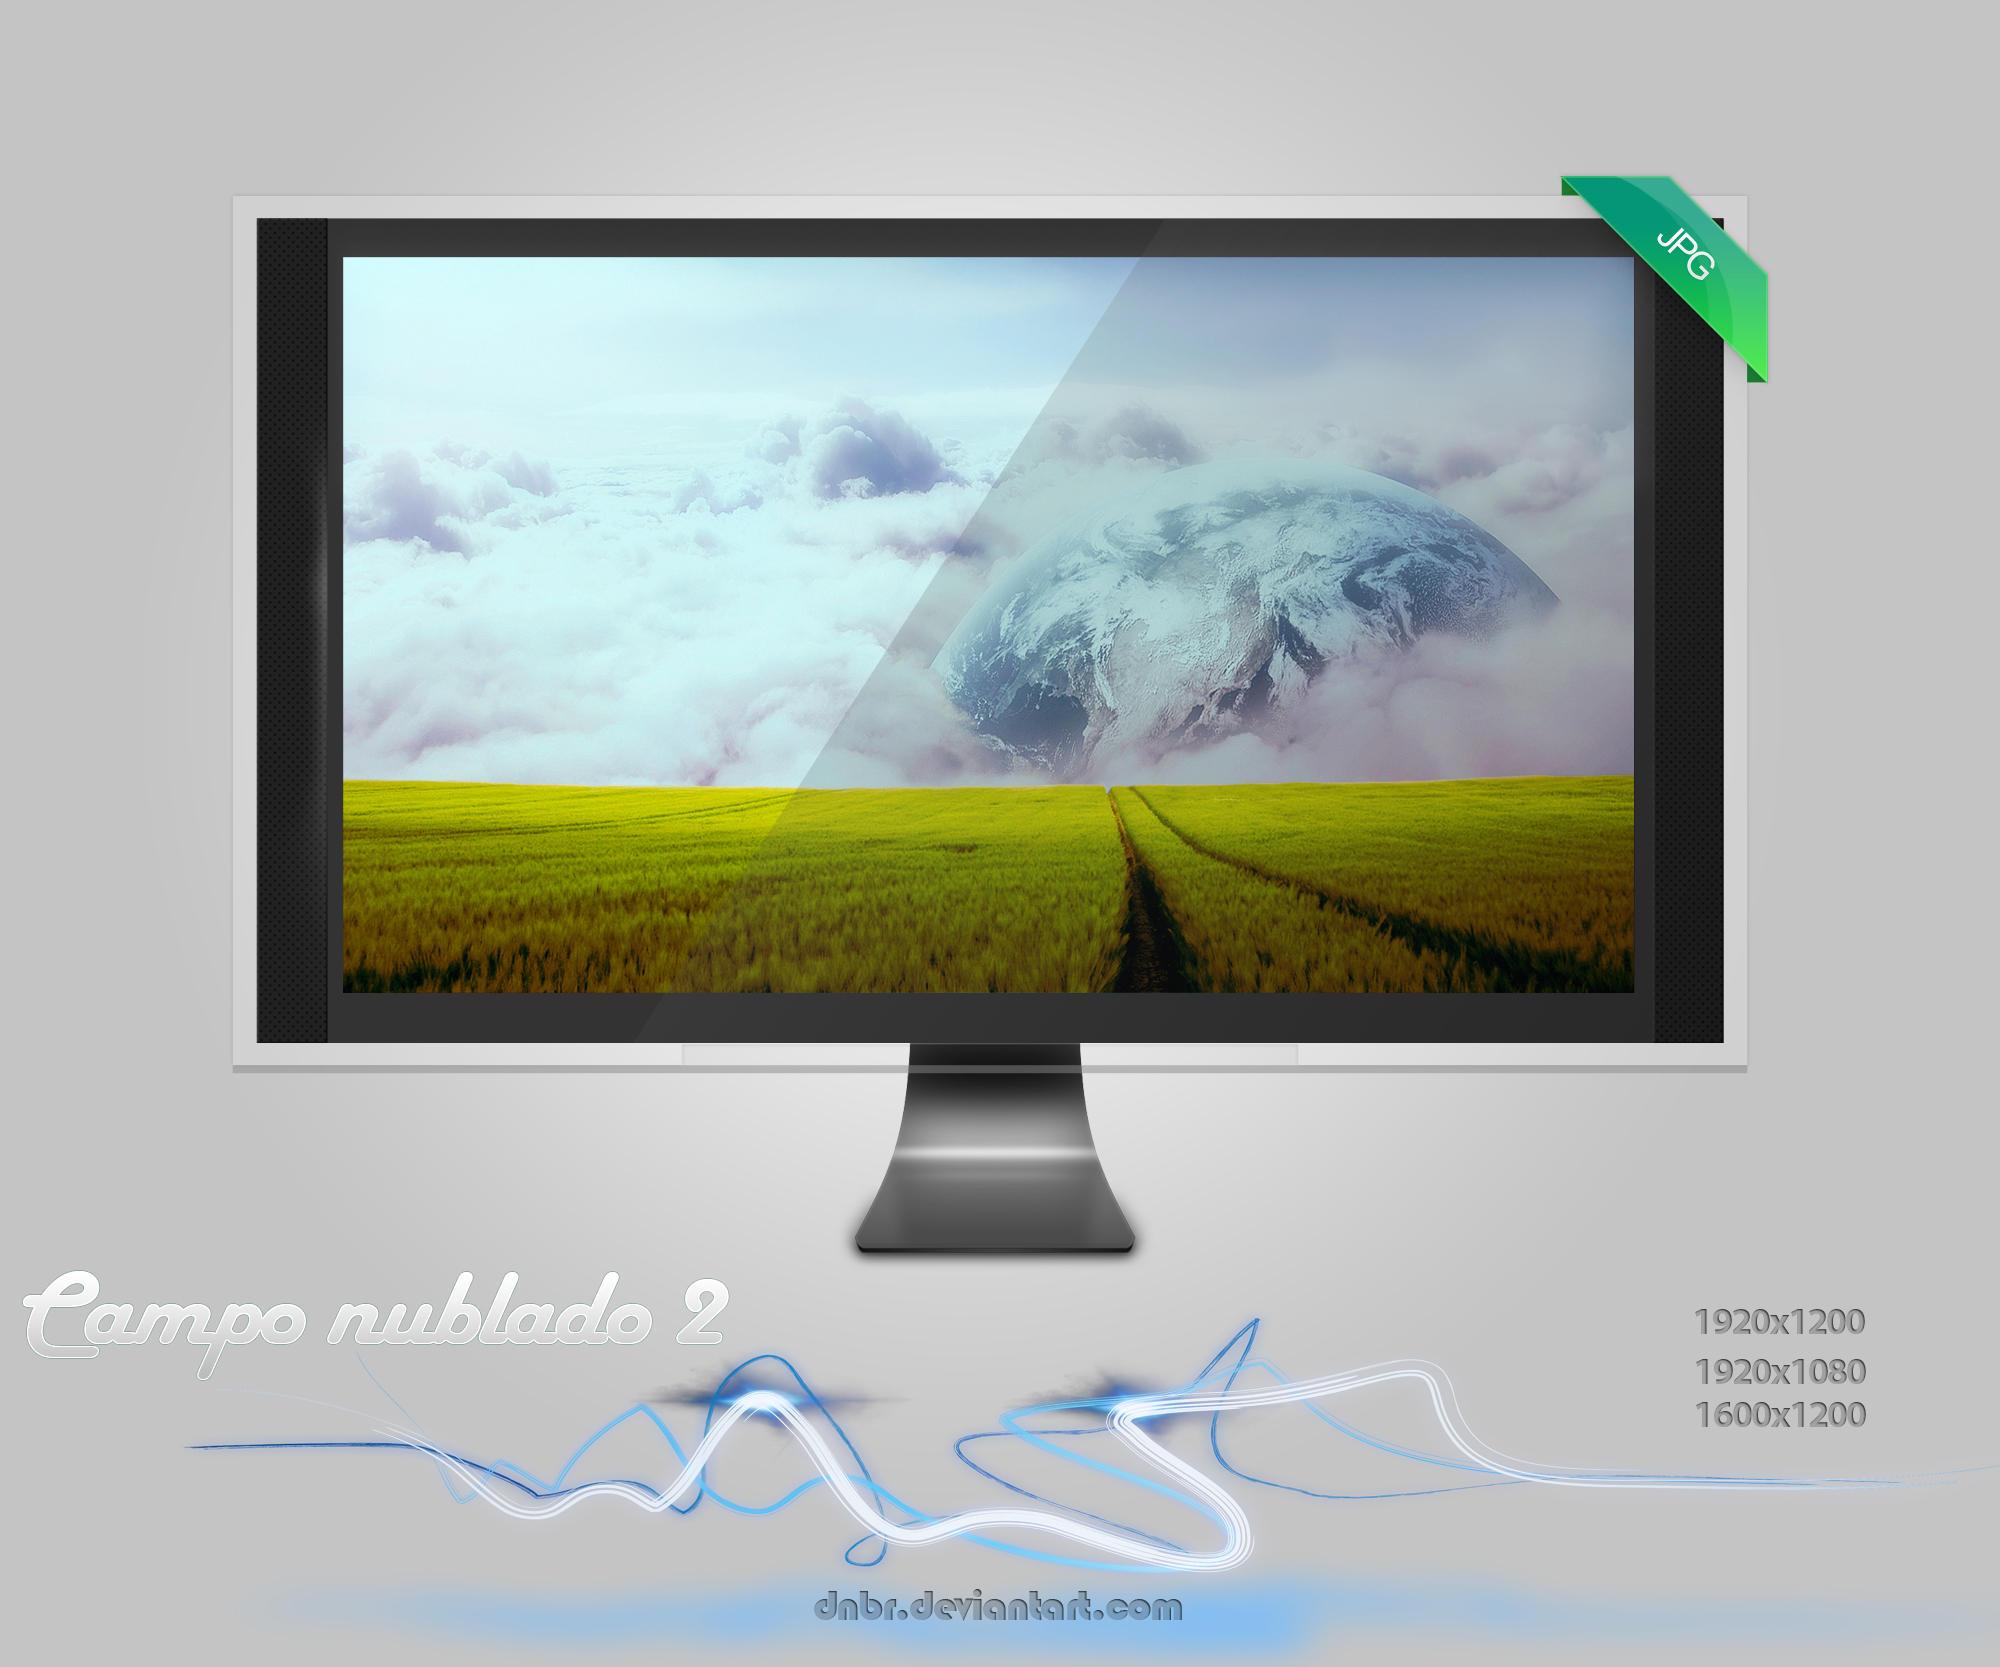 Campo Nublado 2 by Dnbr